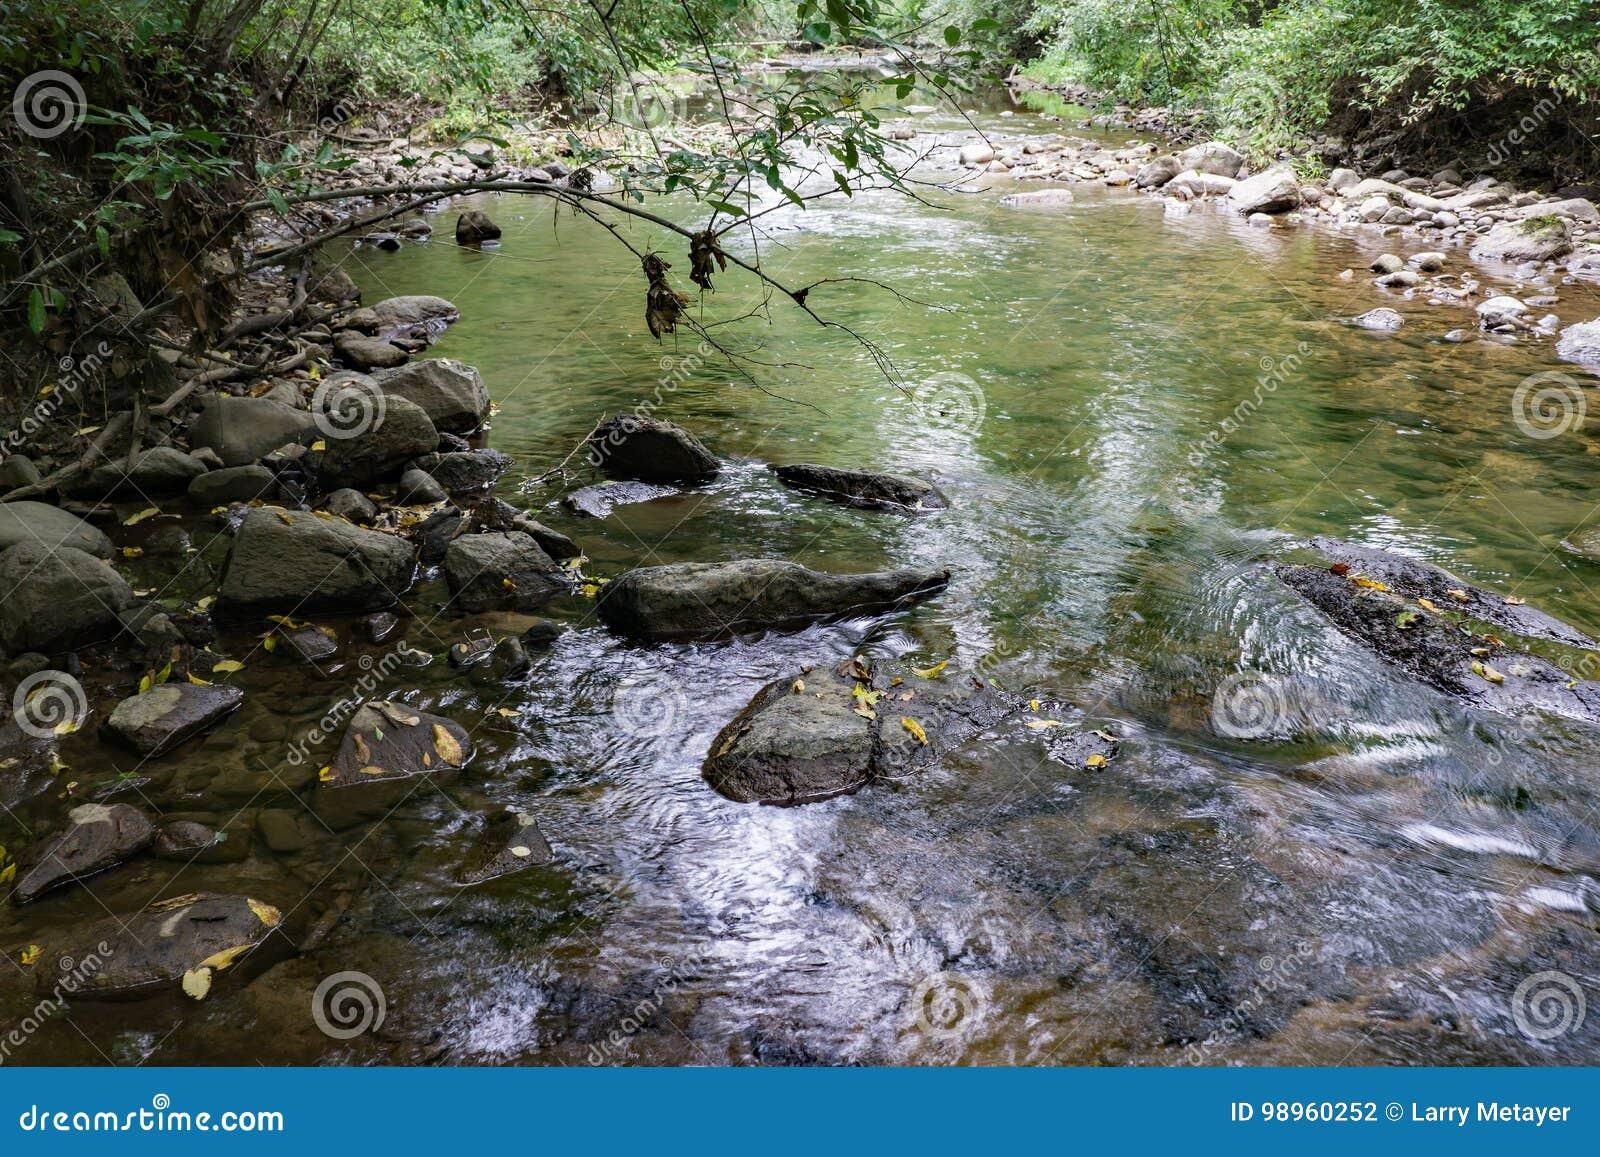 Ποταμός γυρολόγων, κομητεία Amherst, Βιρτζίνια, ΗΠΑ - 3